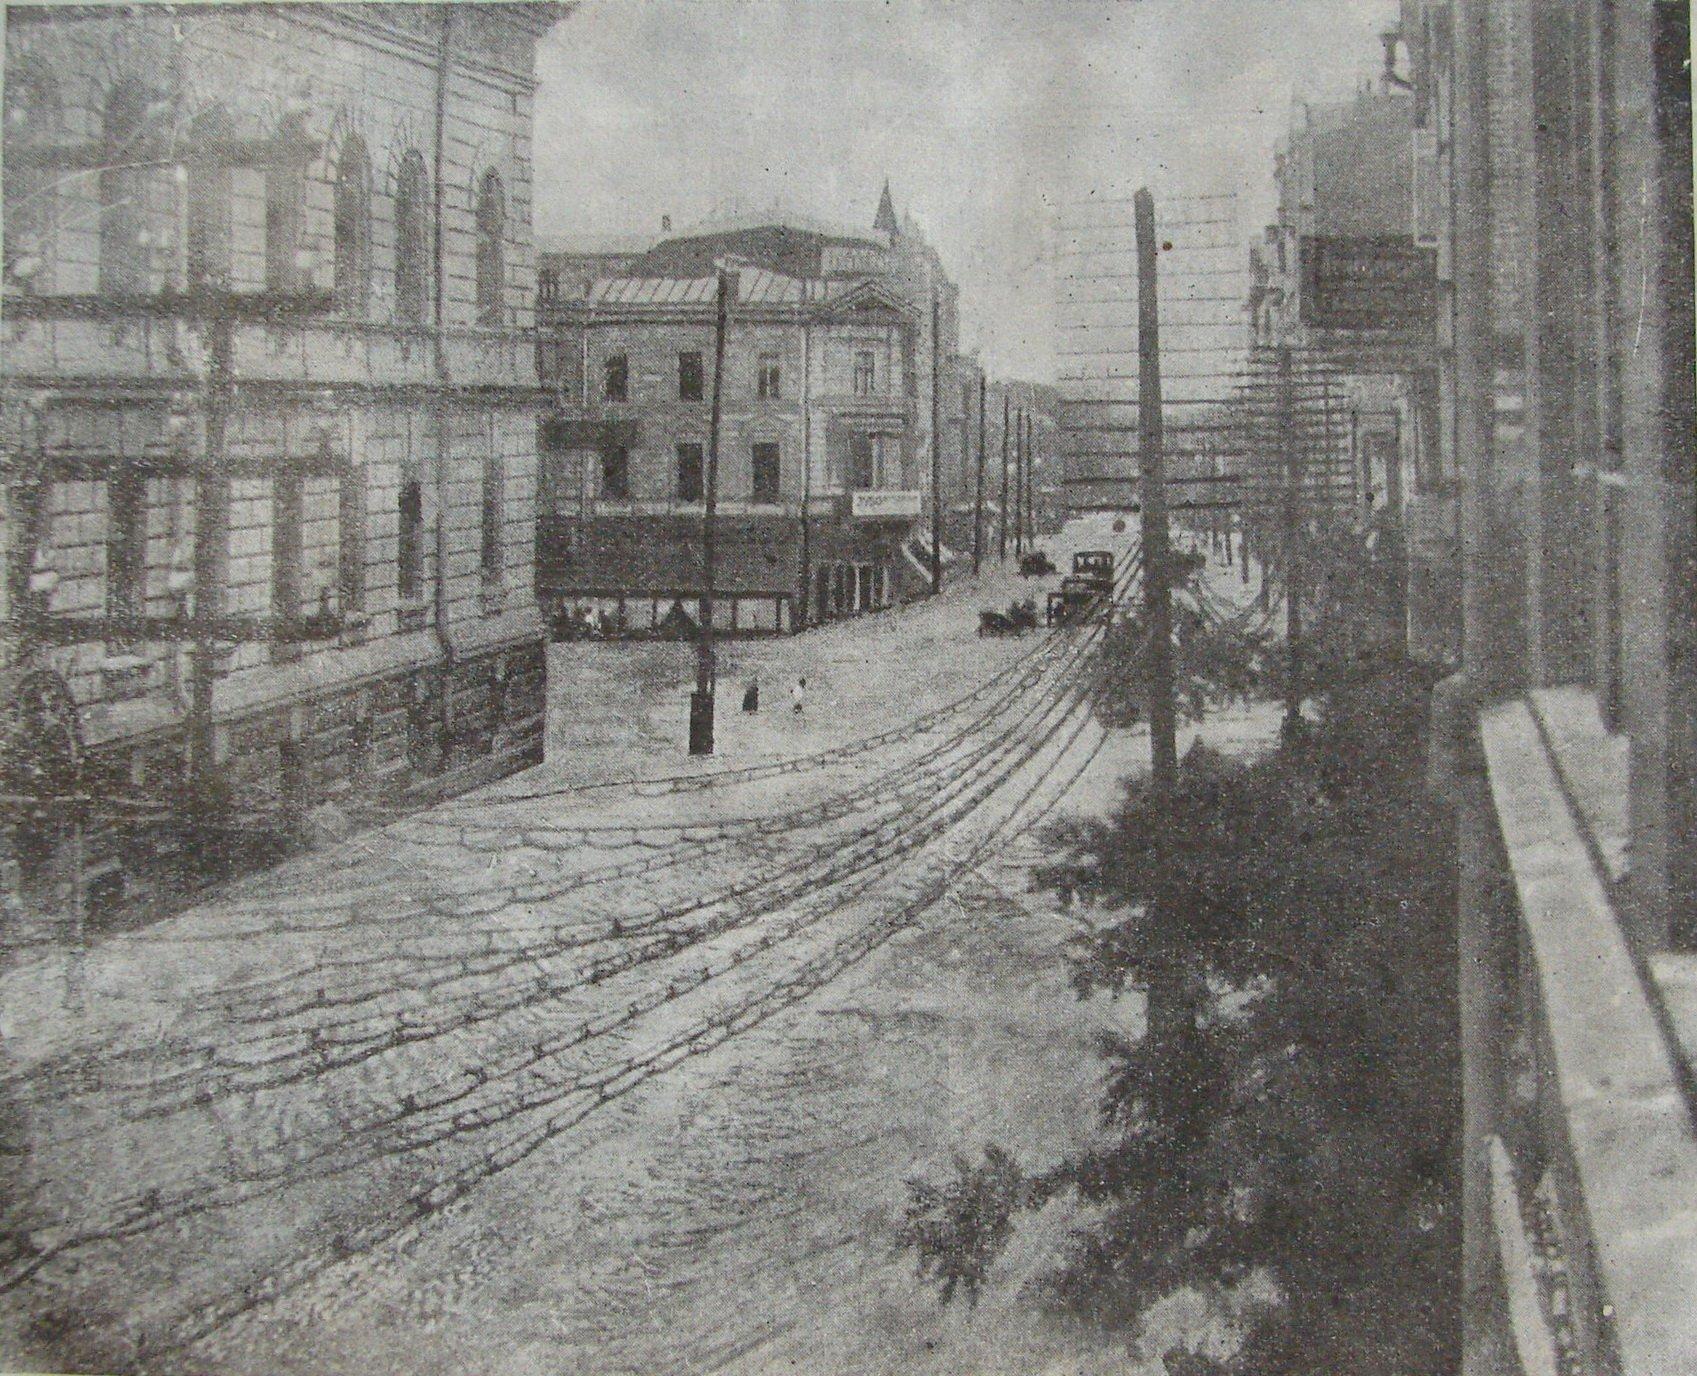 Нижняя часть Сумской улицы после ливня с градом